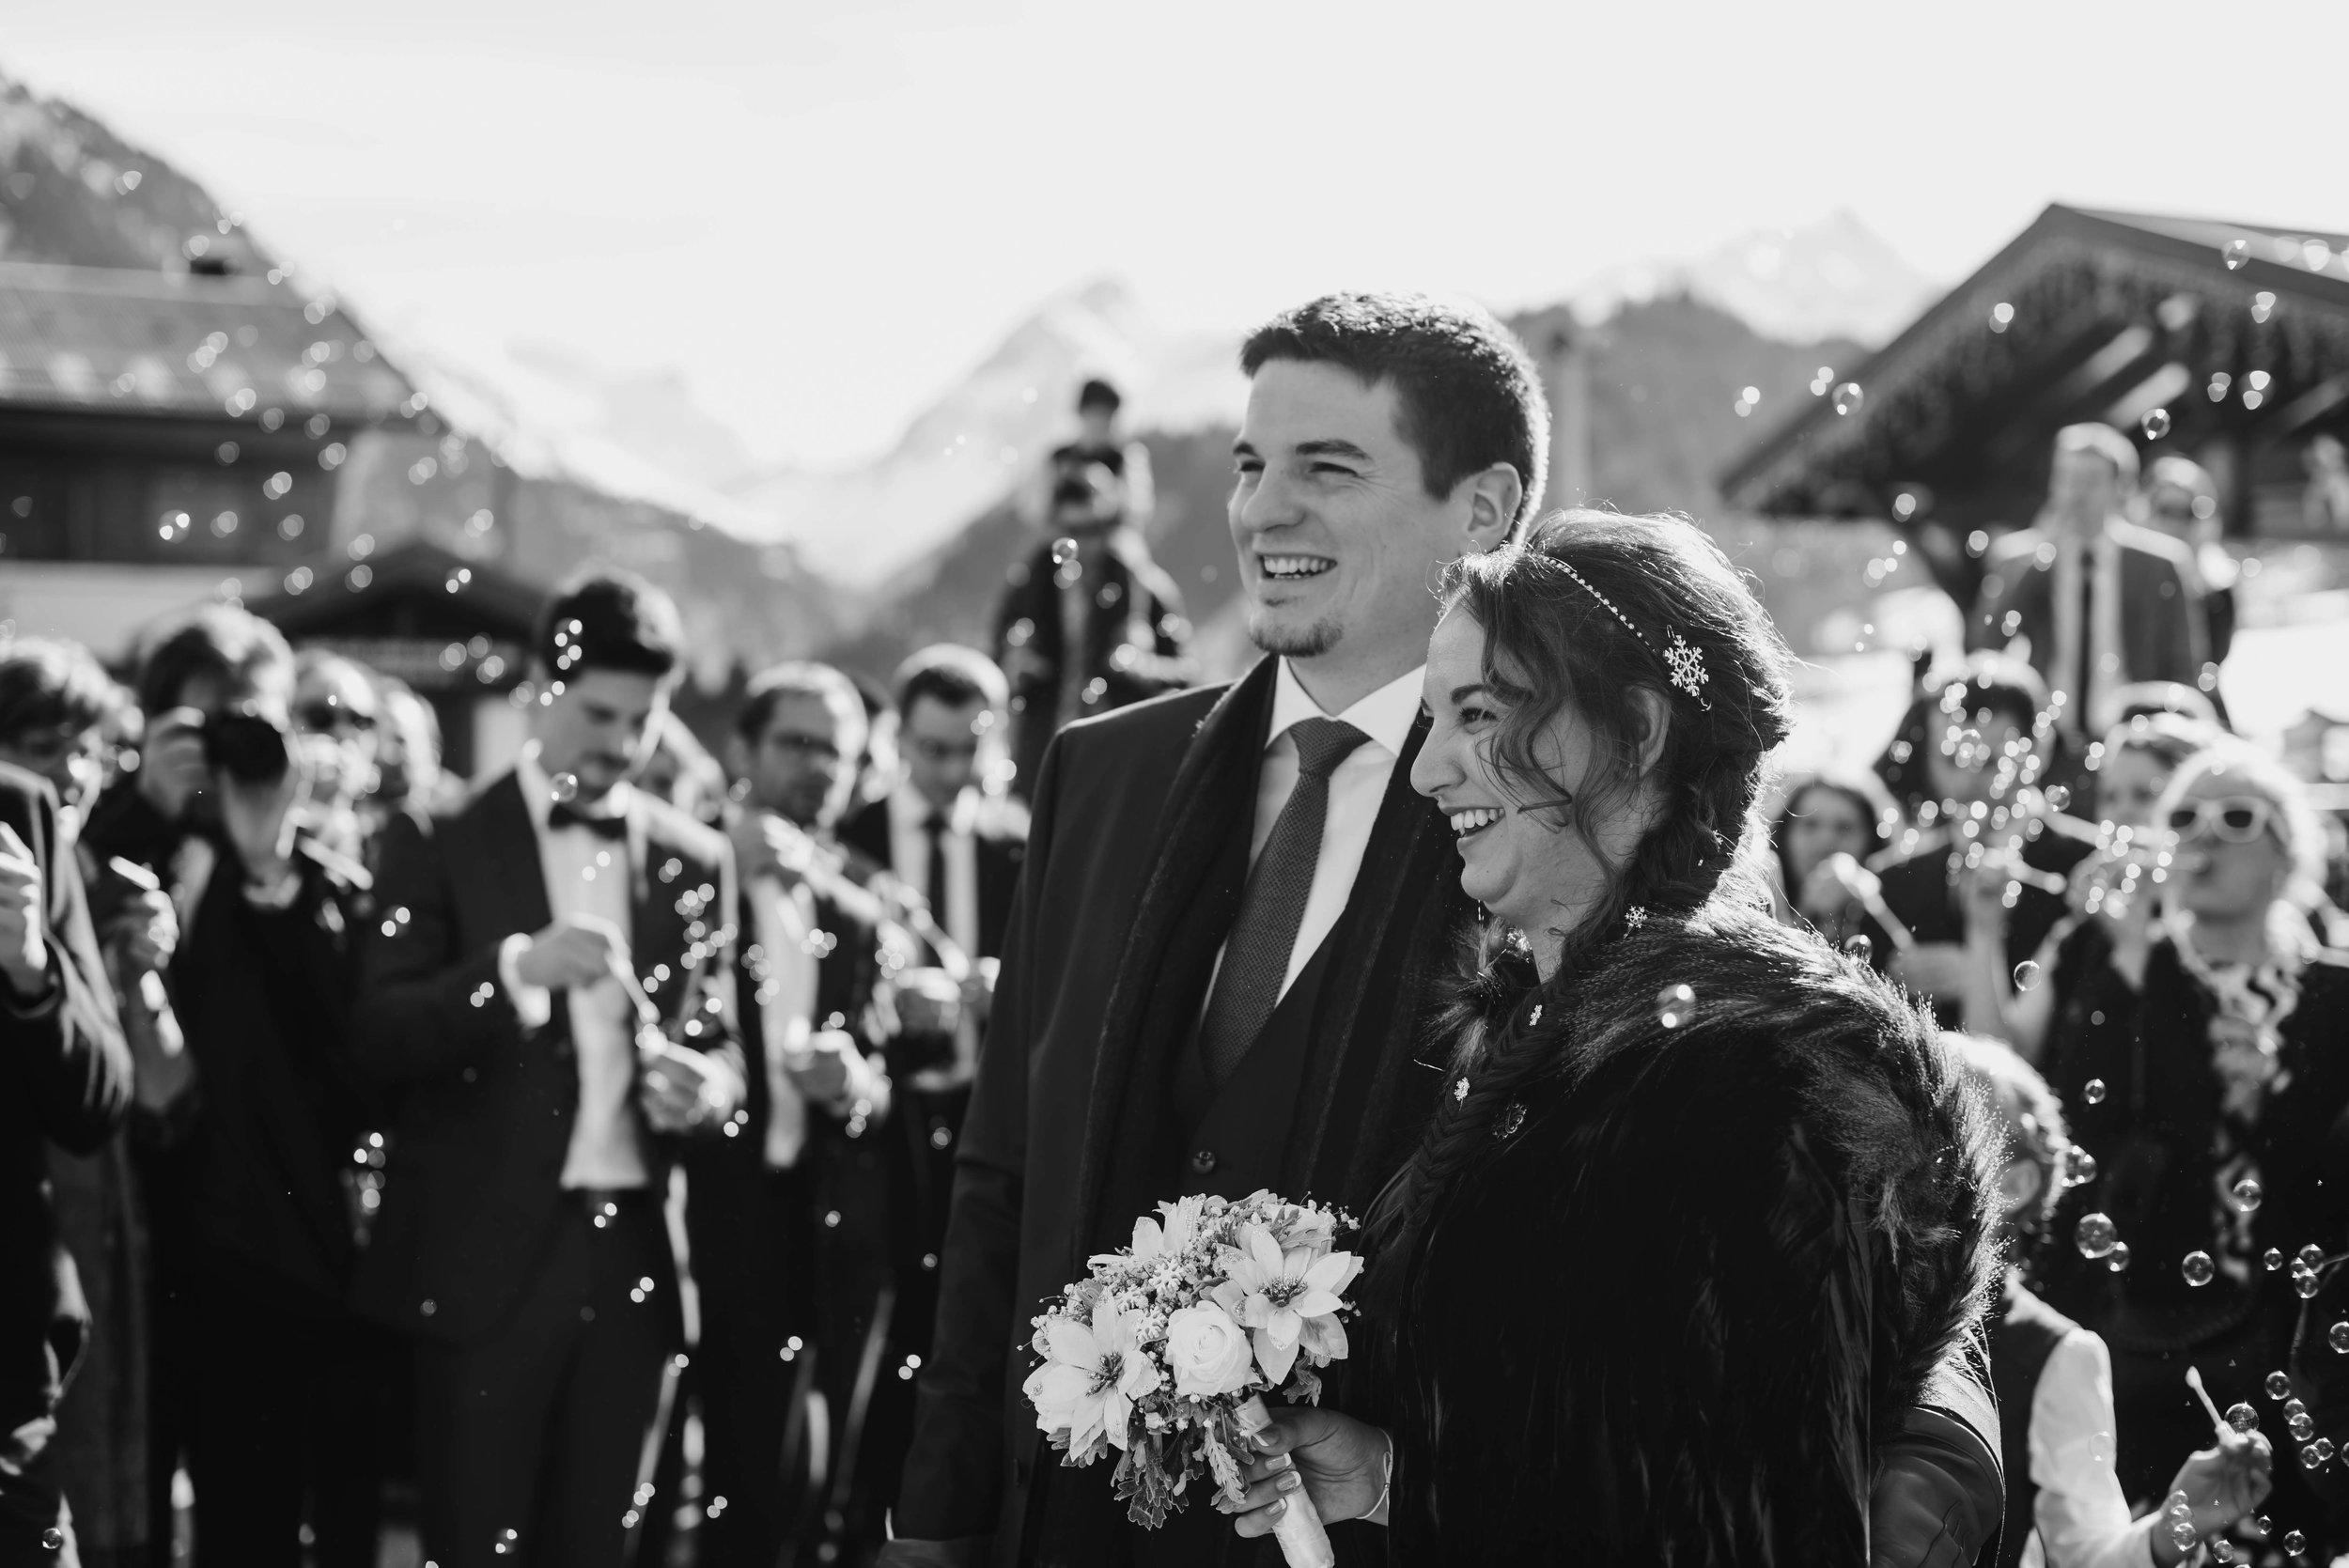 Léa-Fery-photographe-professionnel-lyon-rhone-alpes-portrait-mariage-couple-amour-lovesession-engagement-elopment-2373.jpg